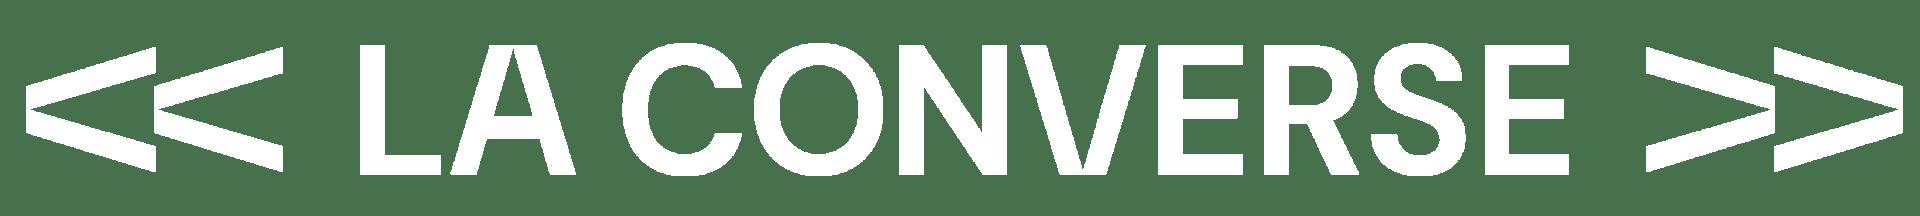 La Converse Logo